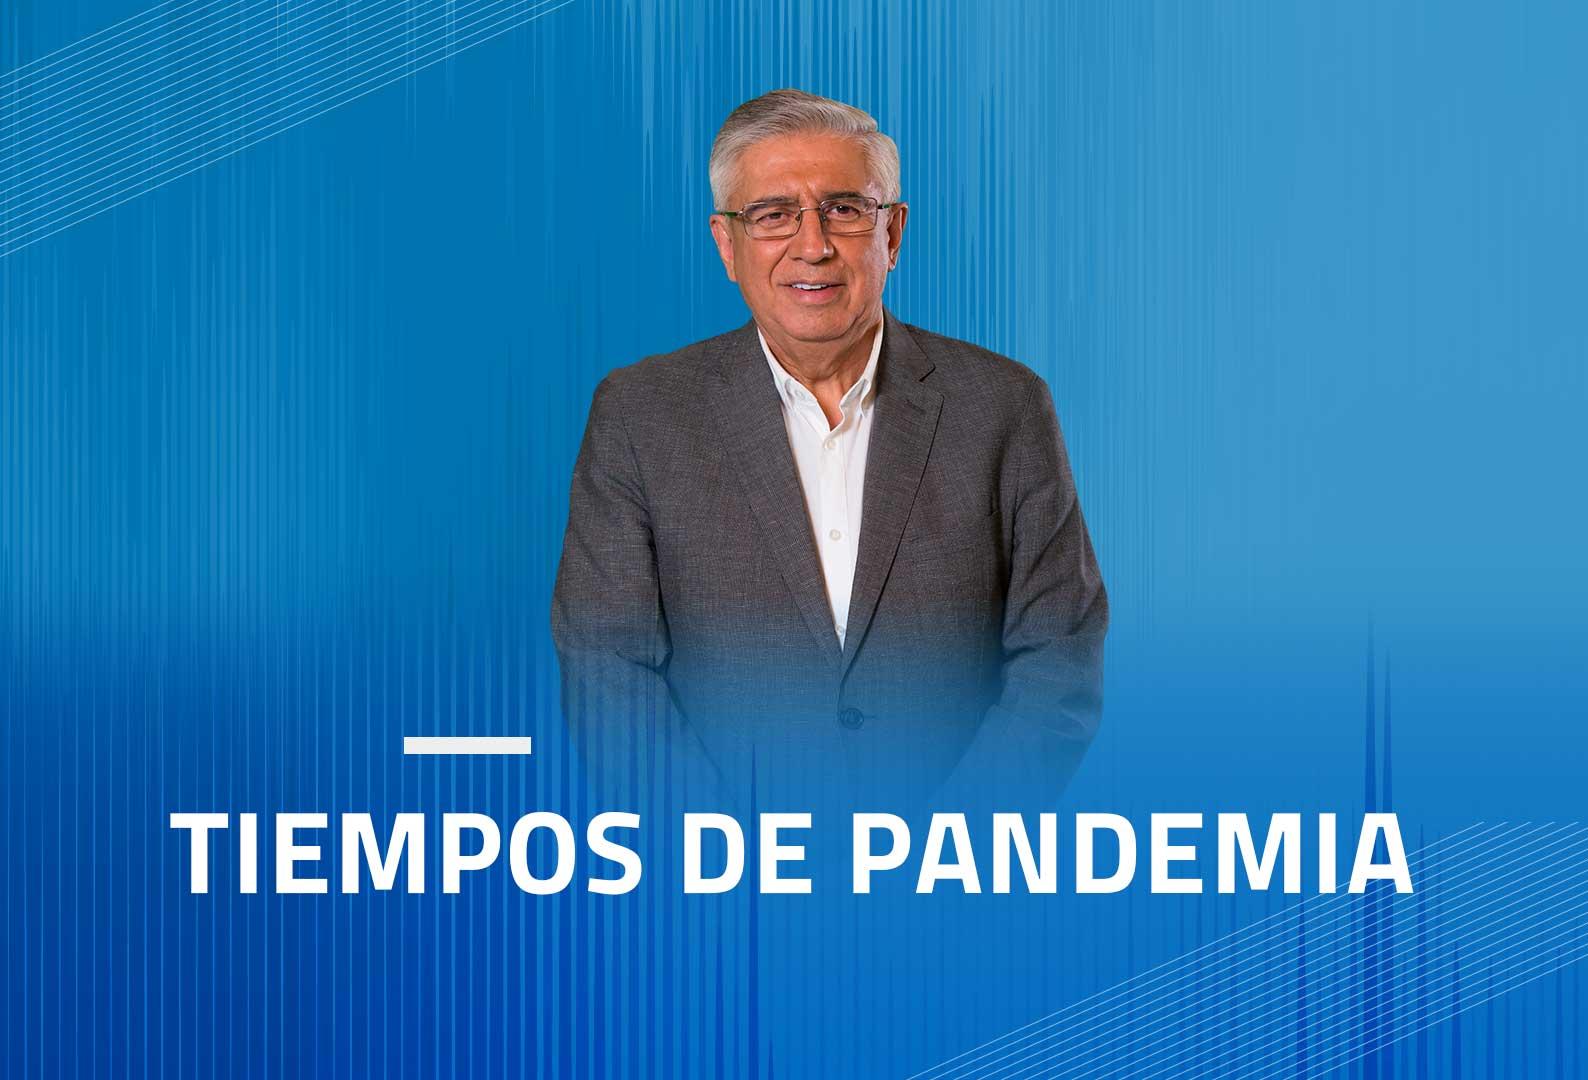 EL FÚTBOL EN TIEMPOS DE PANDEMIA